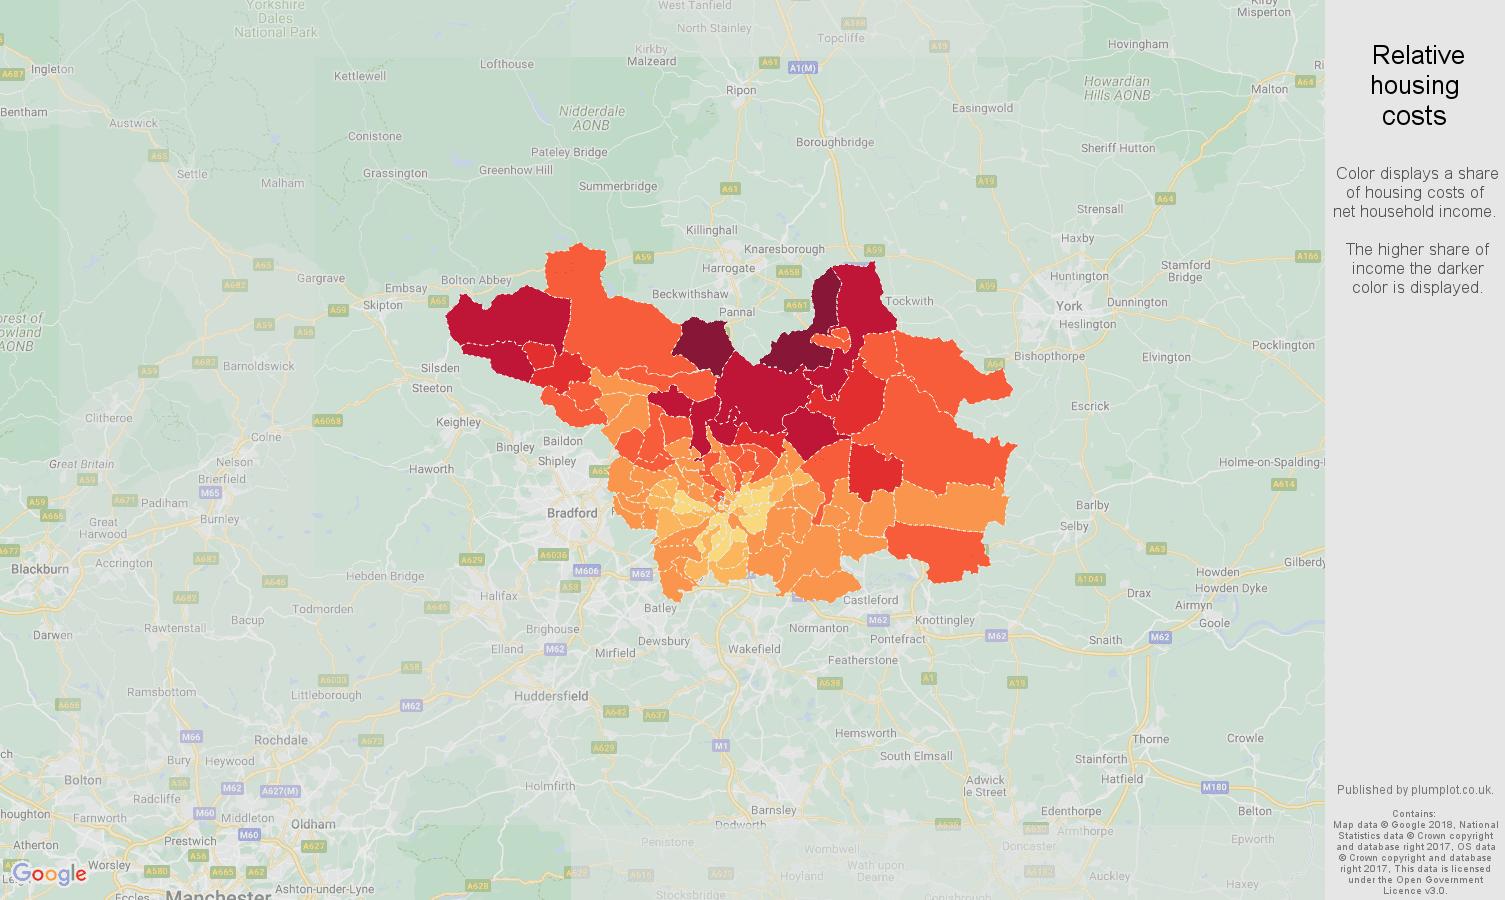 Leeds relative housing costs map